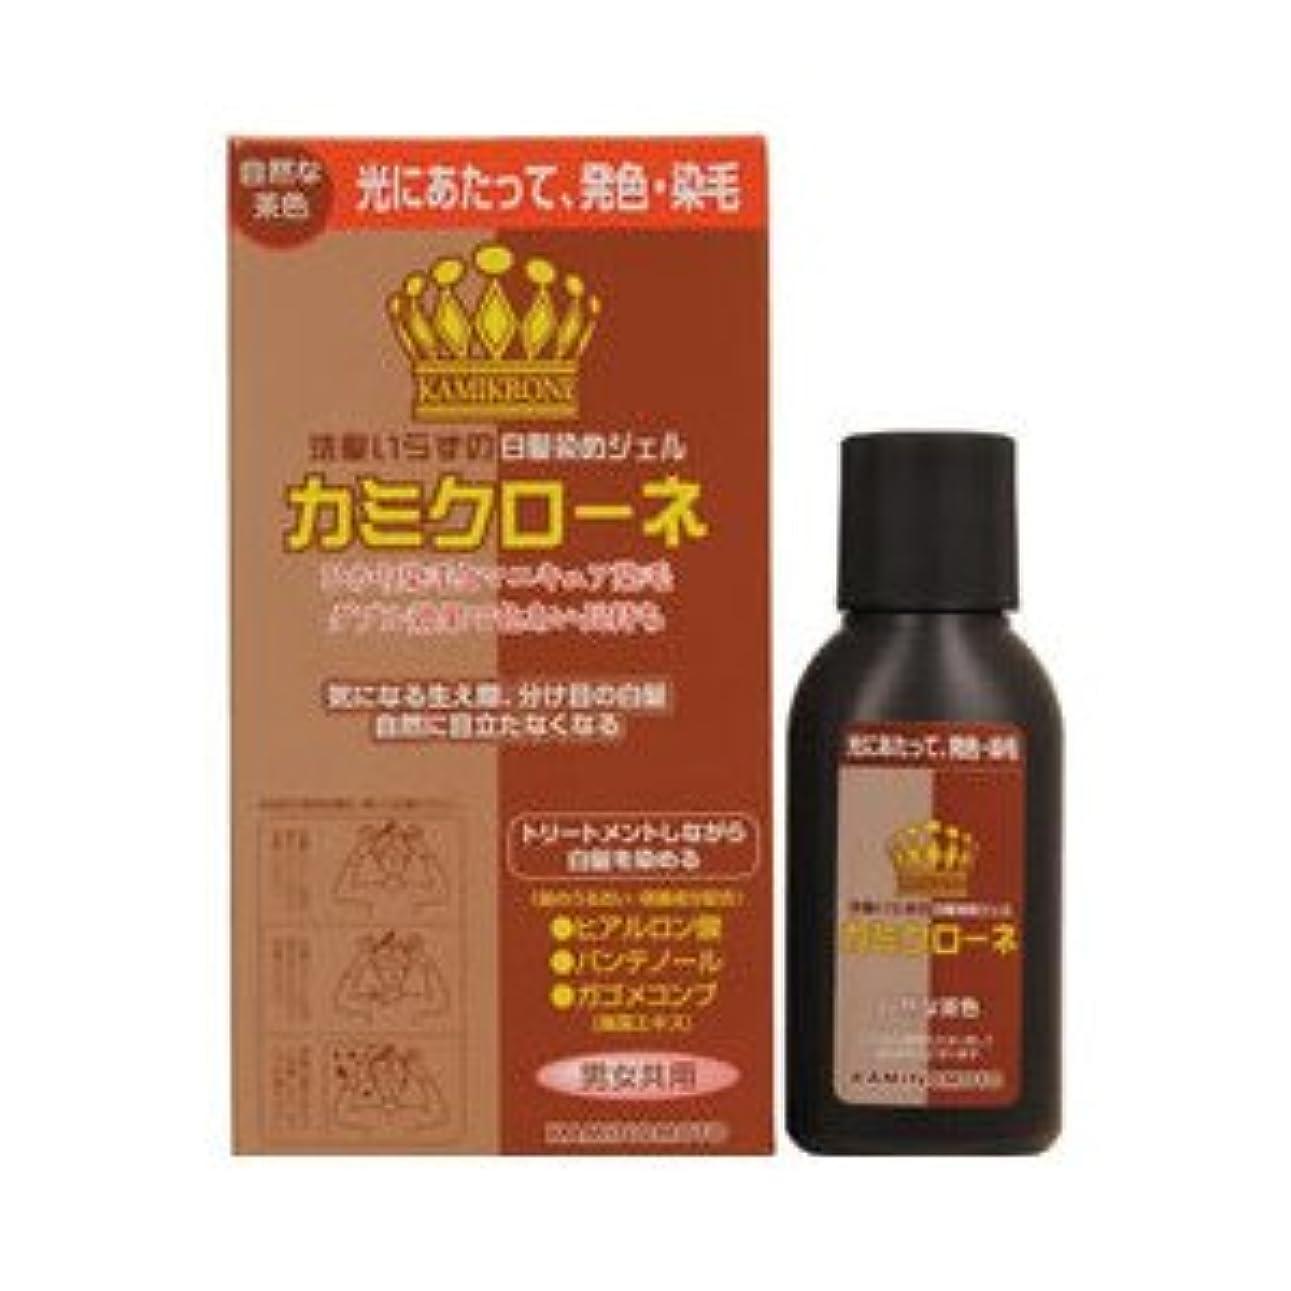 サイトラインスキッパー薬用カミクローネ ナチュラルブラウン × 3個セット